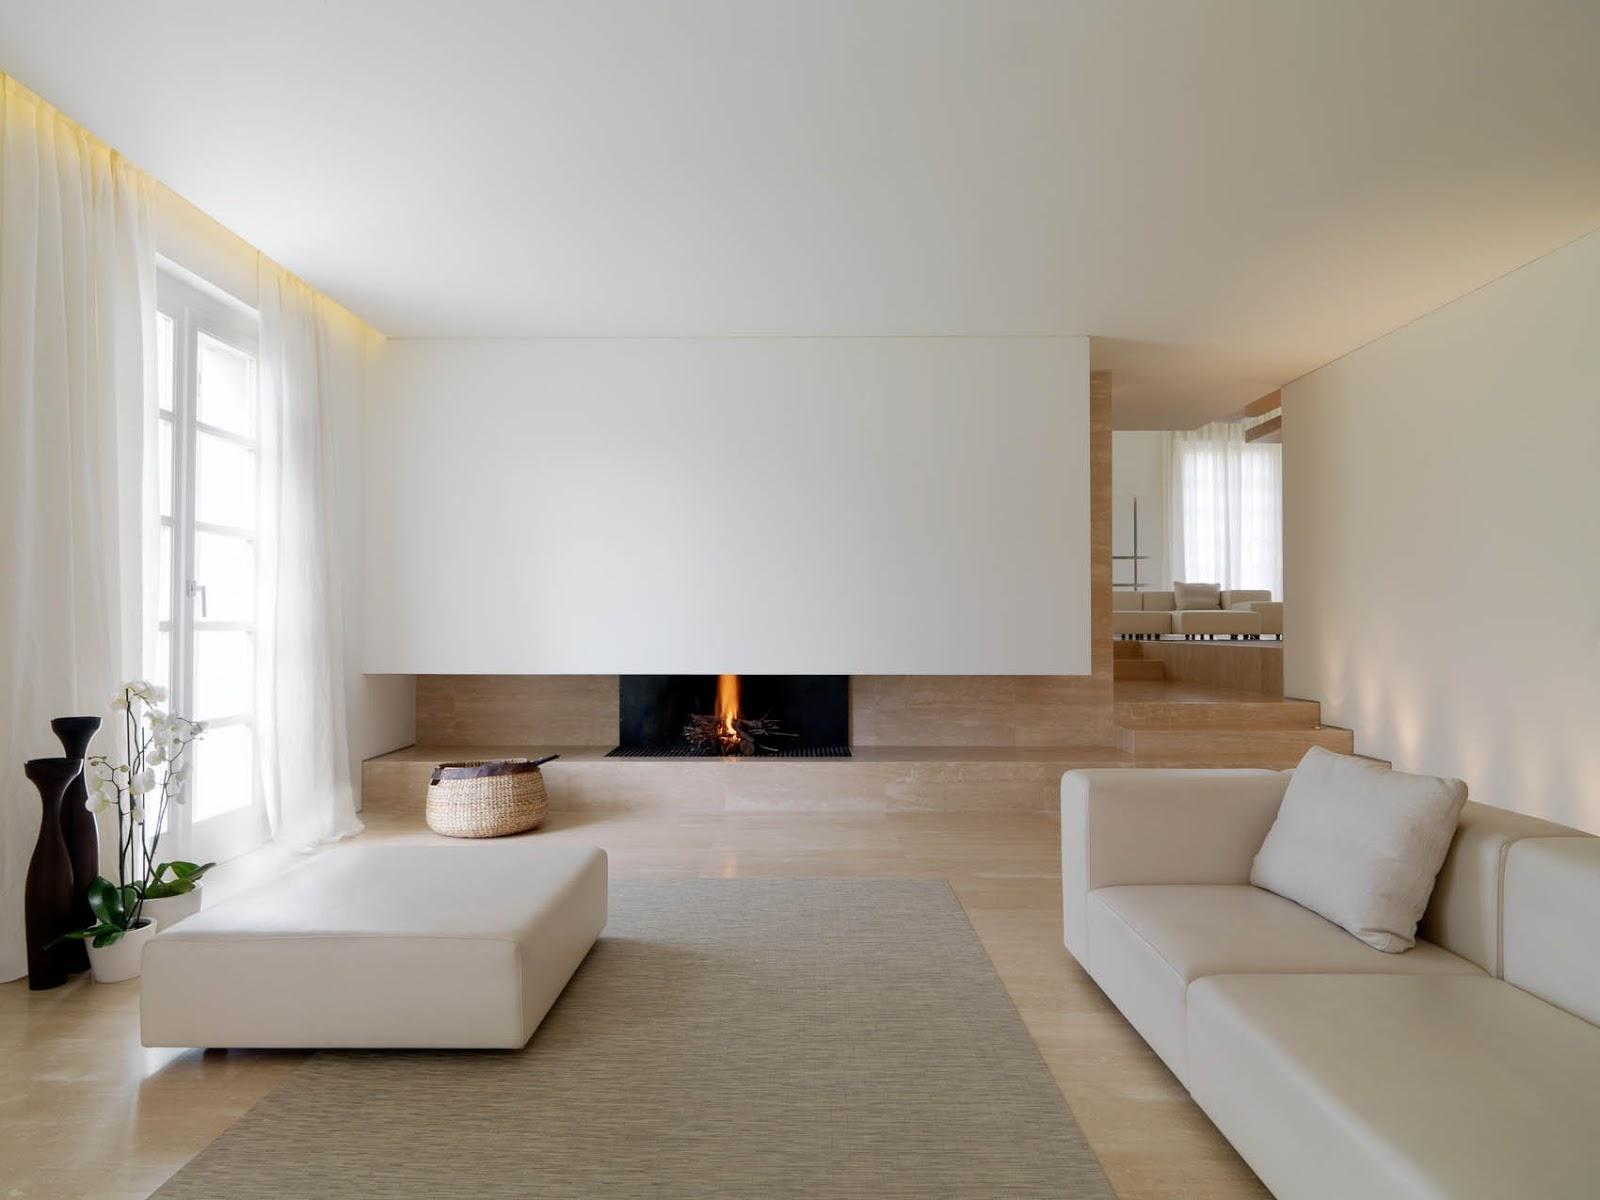 Arquitectura y dise o soldati house victor vasilev - Arquitectura y diseno ...